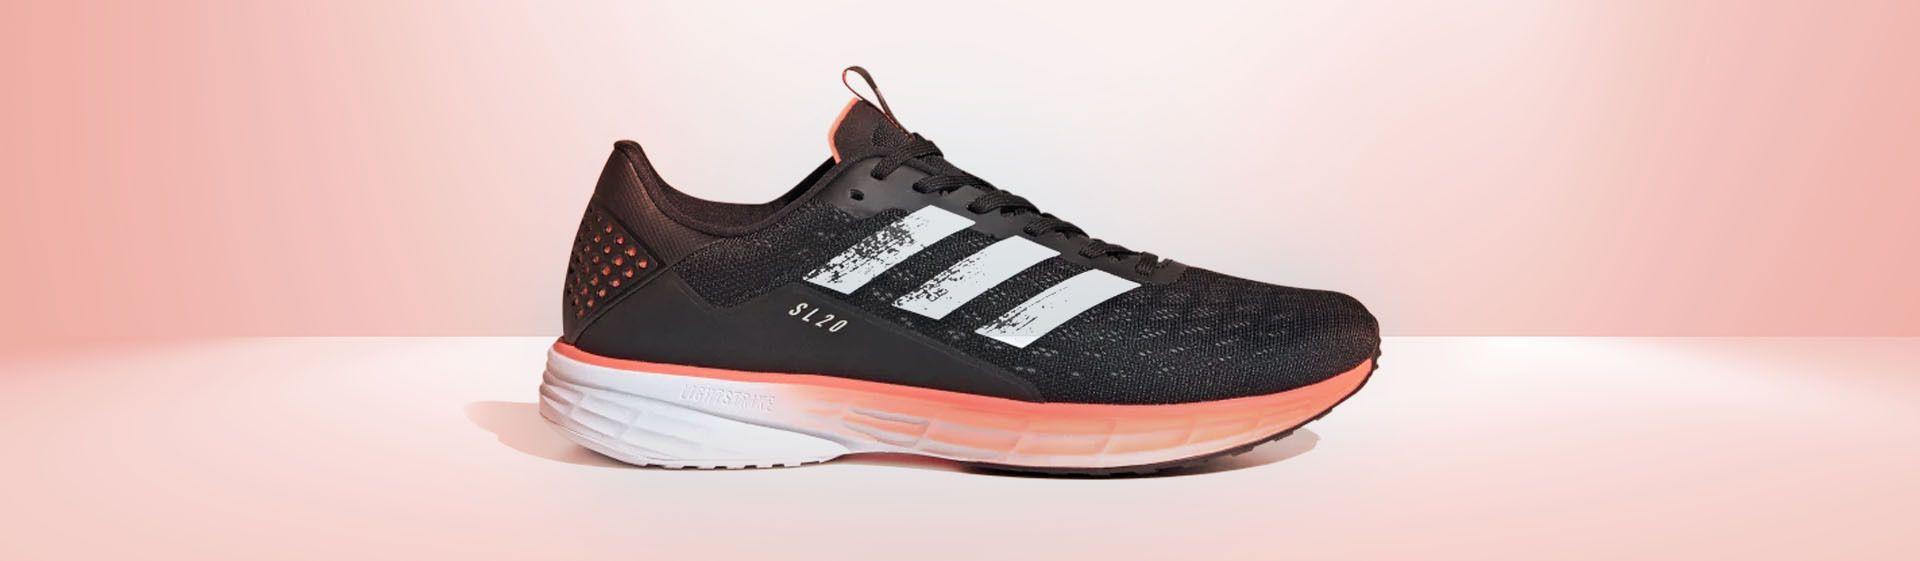 Tênis Adidas SL20 é bom? Veja análise do tênis de corrida